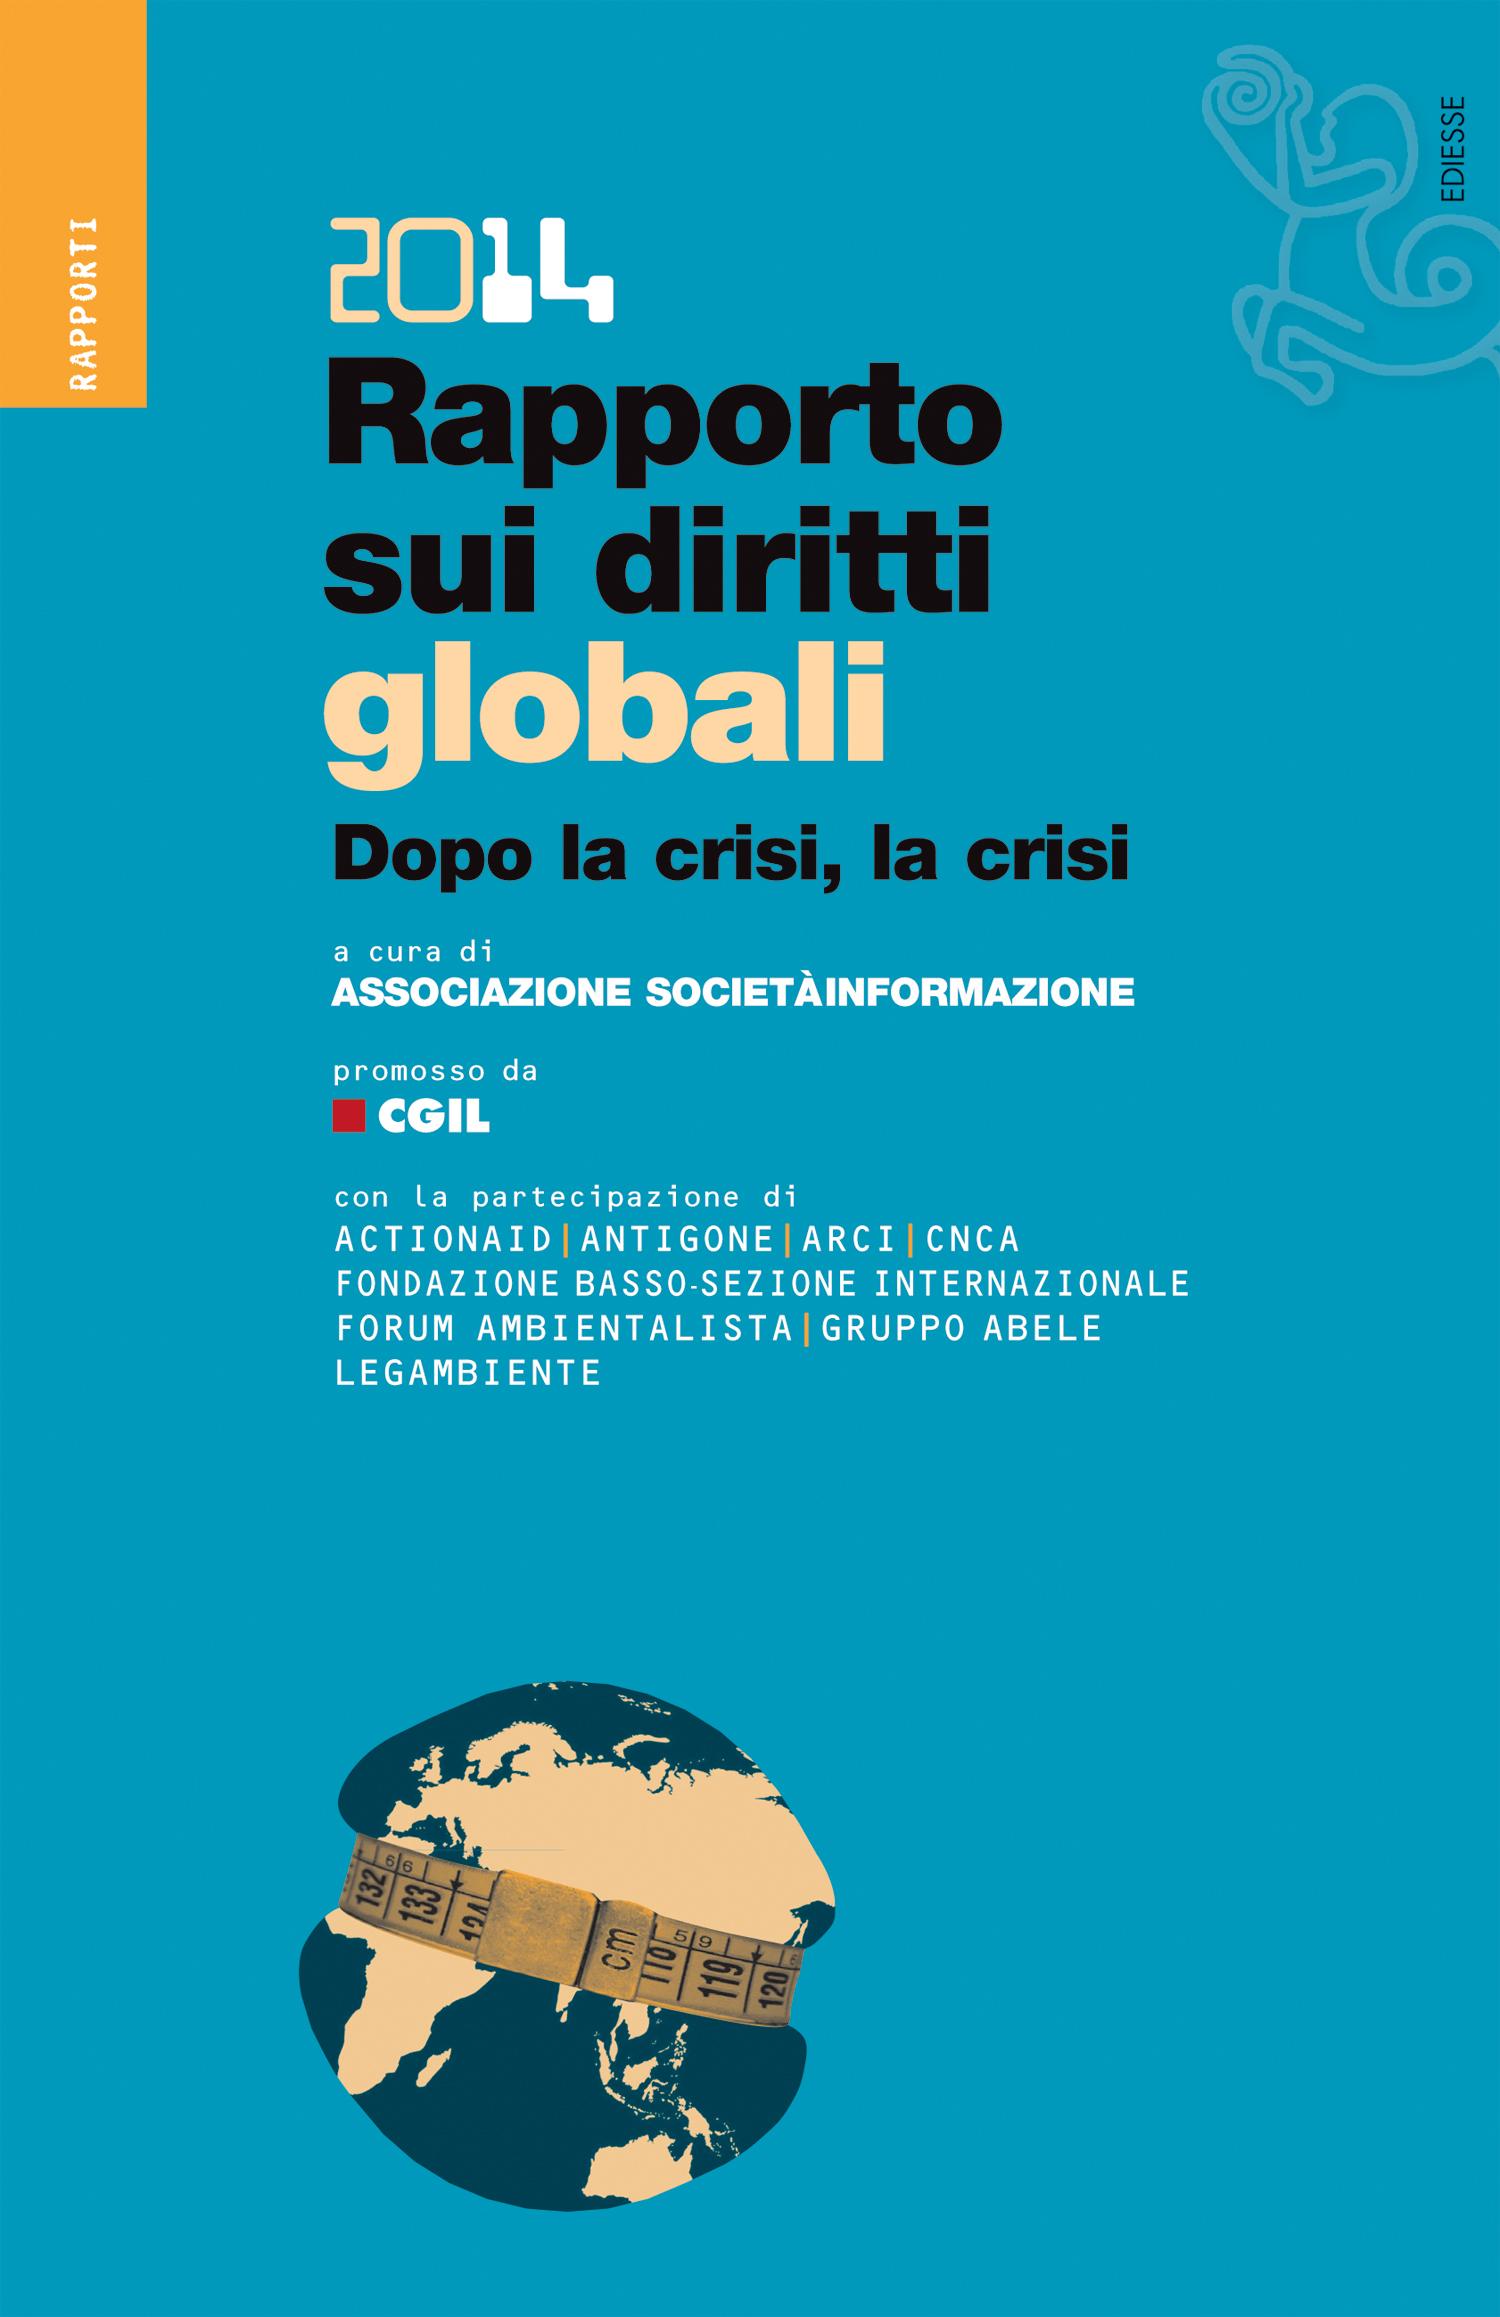 1893-8 Rapporto-diritti-globali_2014_cop_ok_2014